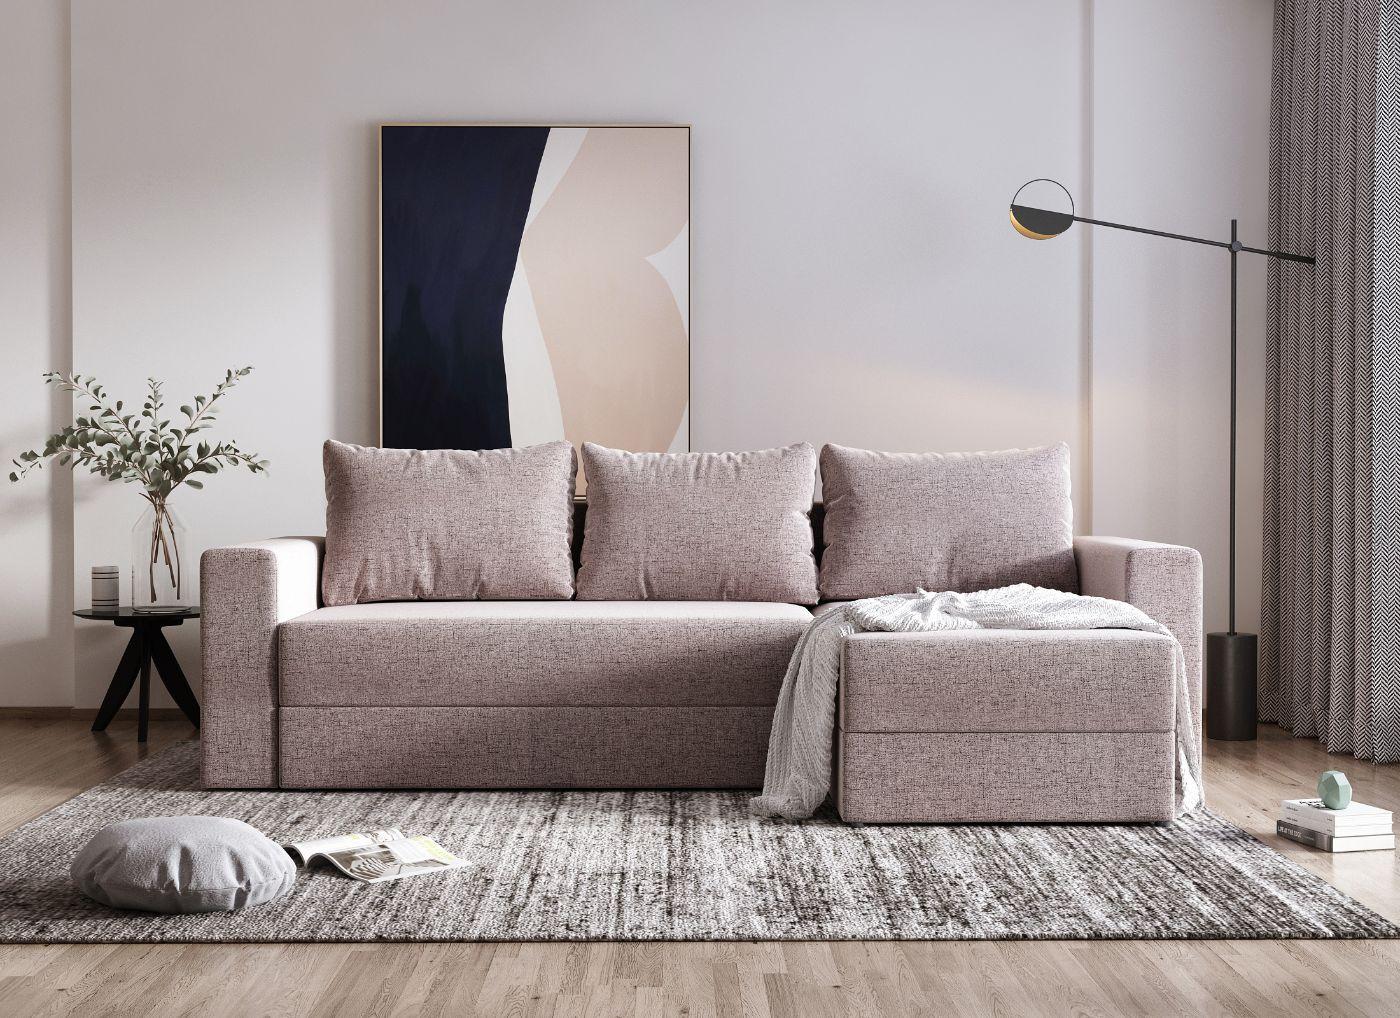 Canapeaua si regulile de plasare a mobilierului in living